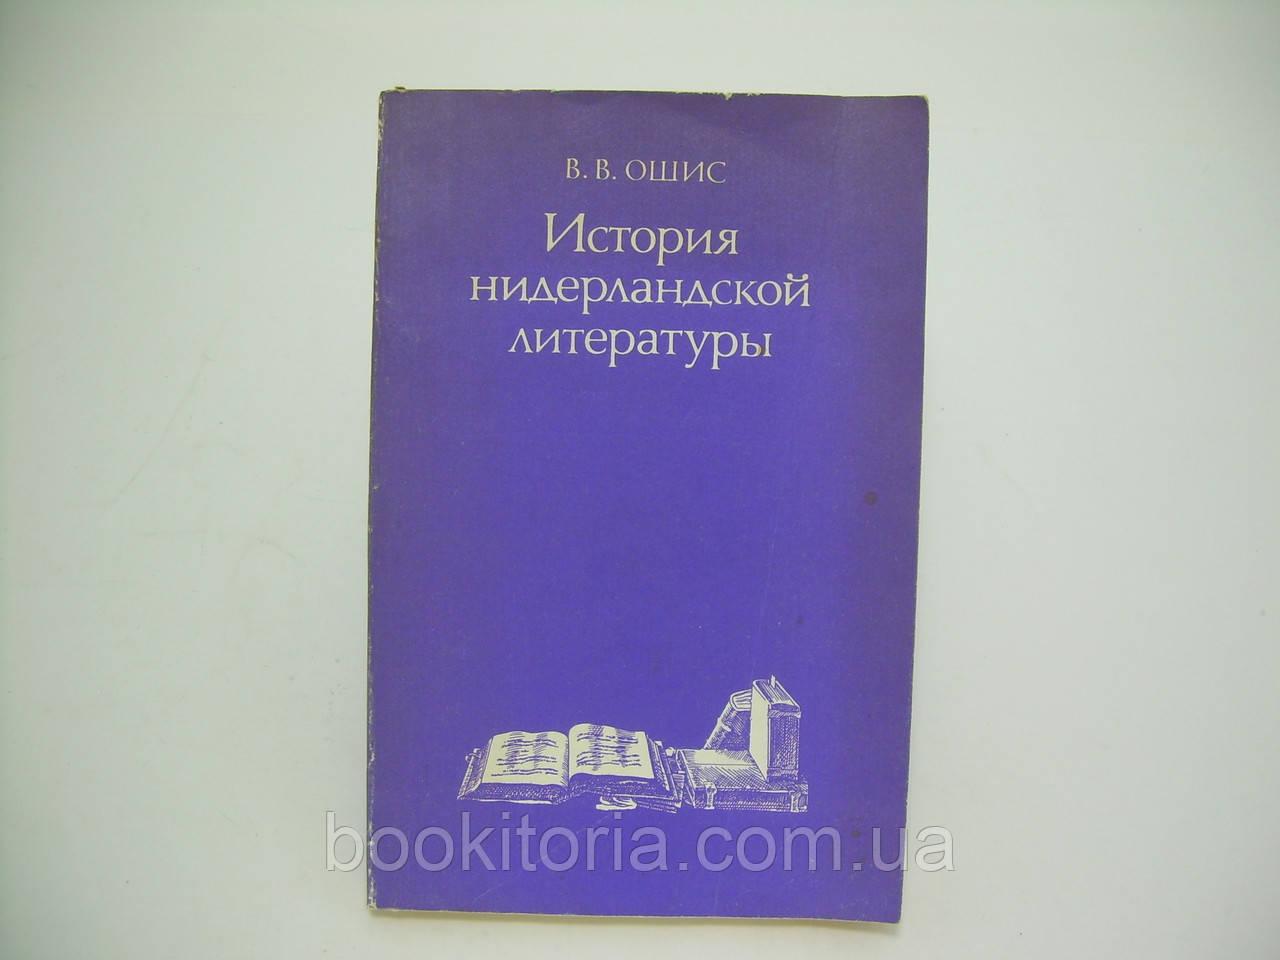 Ошис В.В. История нидерландской литературы (б/у).